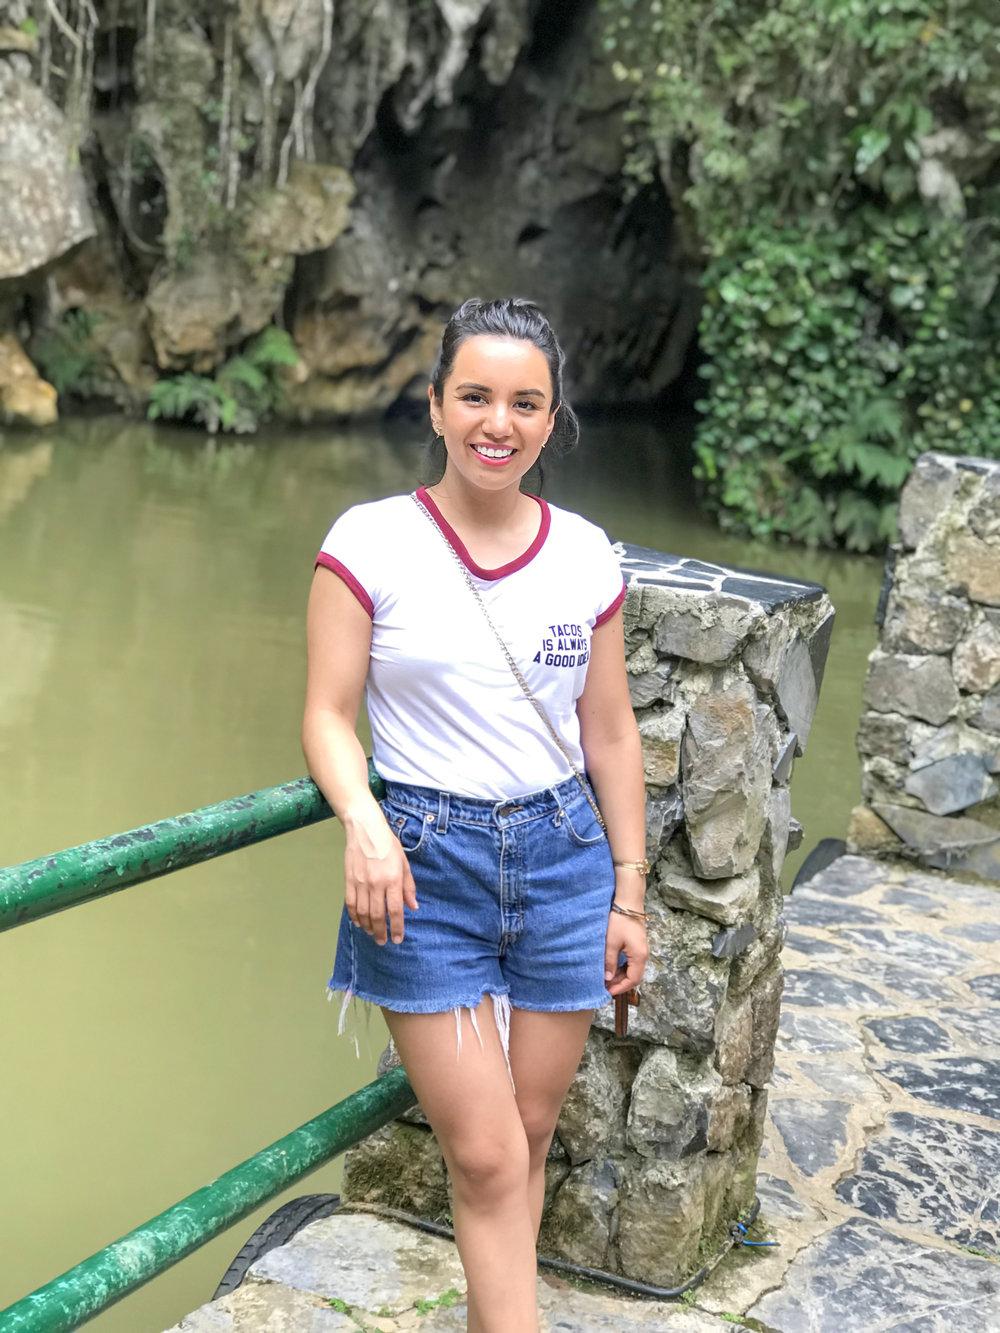 Cueva del Indio - El paseo dura aprox 20 mins desde que entras a la cueva, hasta tomar la lancha y dar el recorrido.